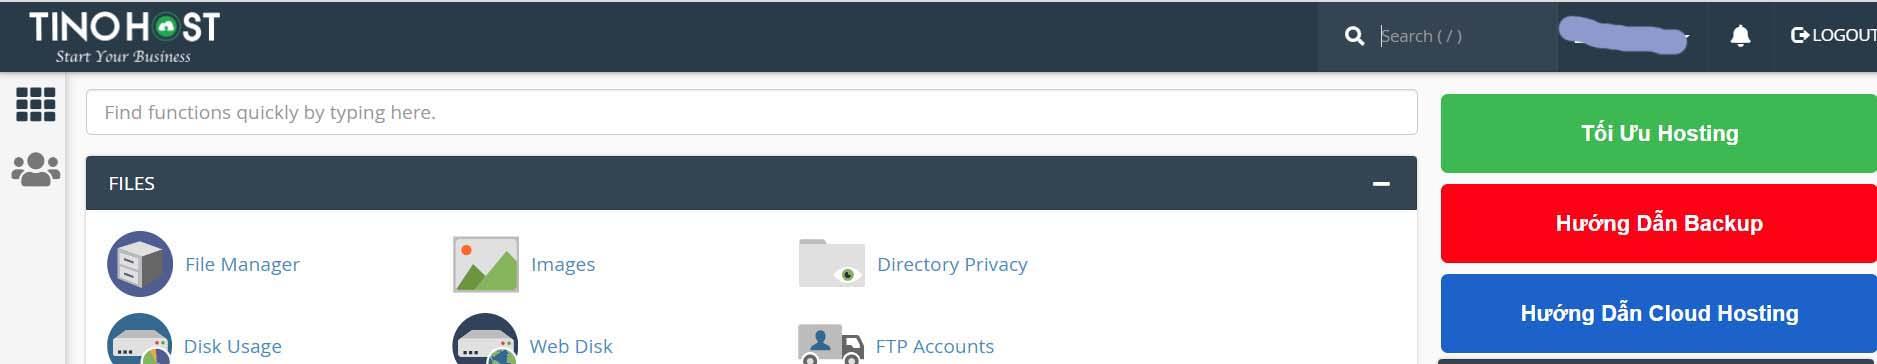 trang quản lí Cpanel dễ nhìn và có một vài tùy chỉnh để phù hợp với người mới dùng hosting